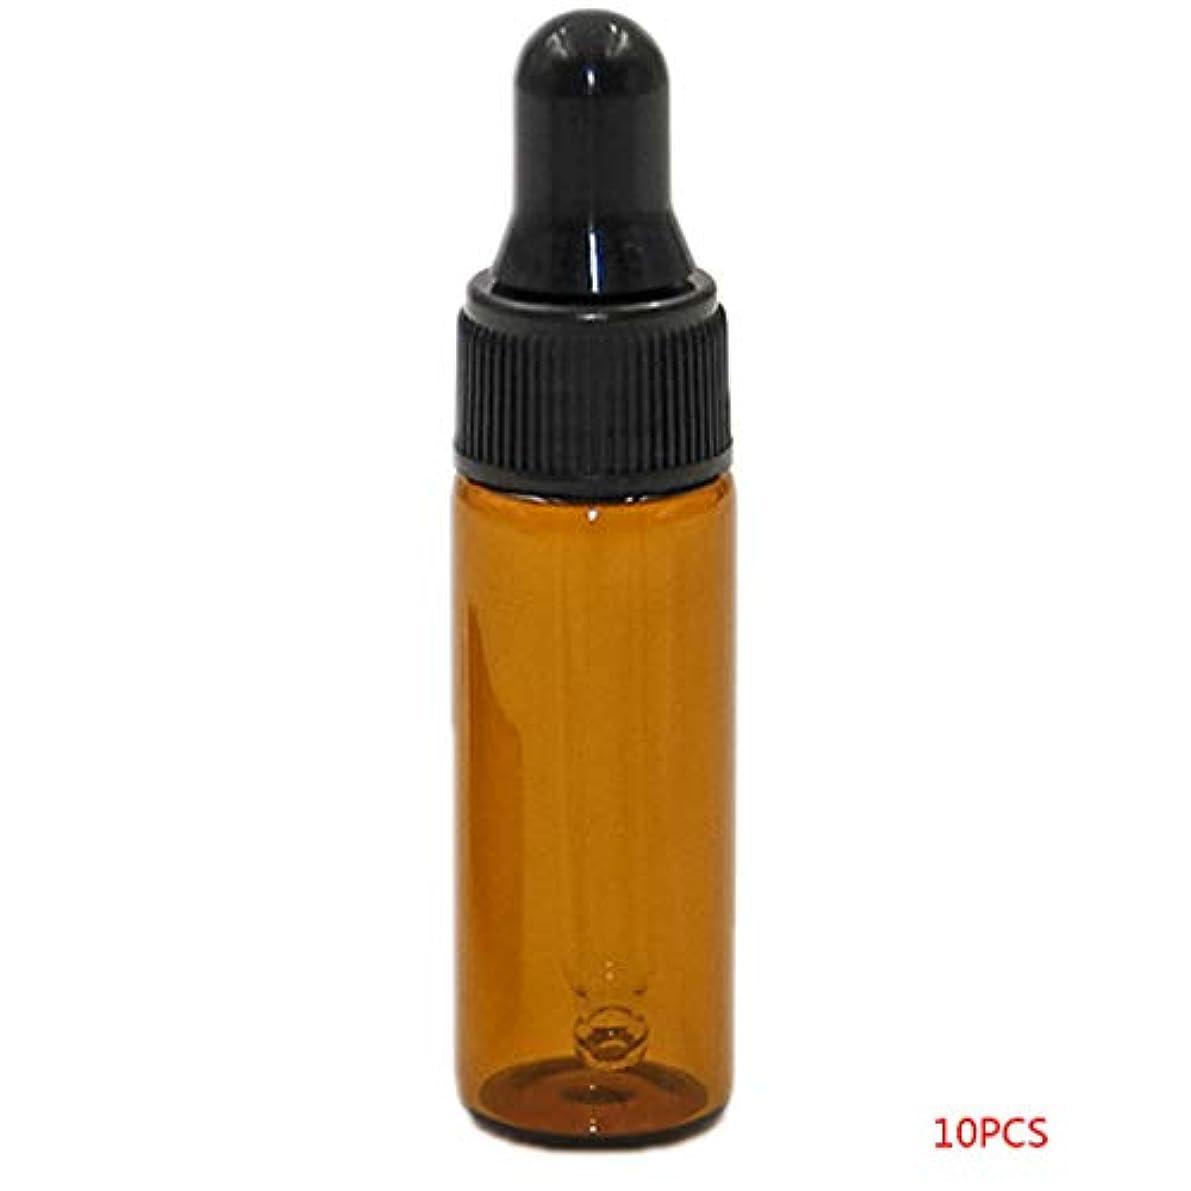 同意する美人特性Suika Suika アロマオイル 精油 小分け用 遮光瓶 セット 茶 ガラス アロマ ボトル オイル 用 茶色 瓶 ビン エッセンシャルオイル 保存 詰替え 瓶 ビン